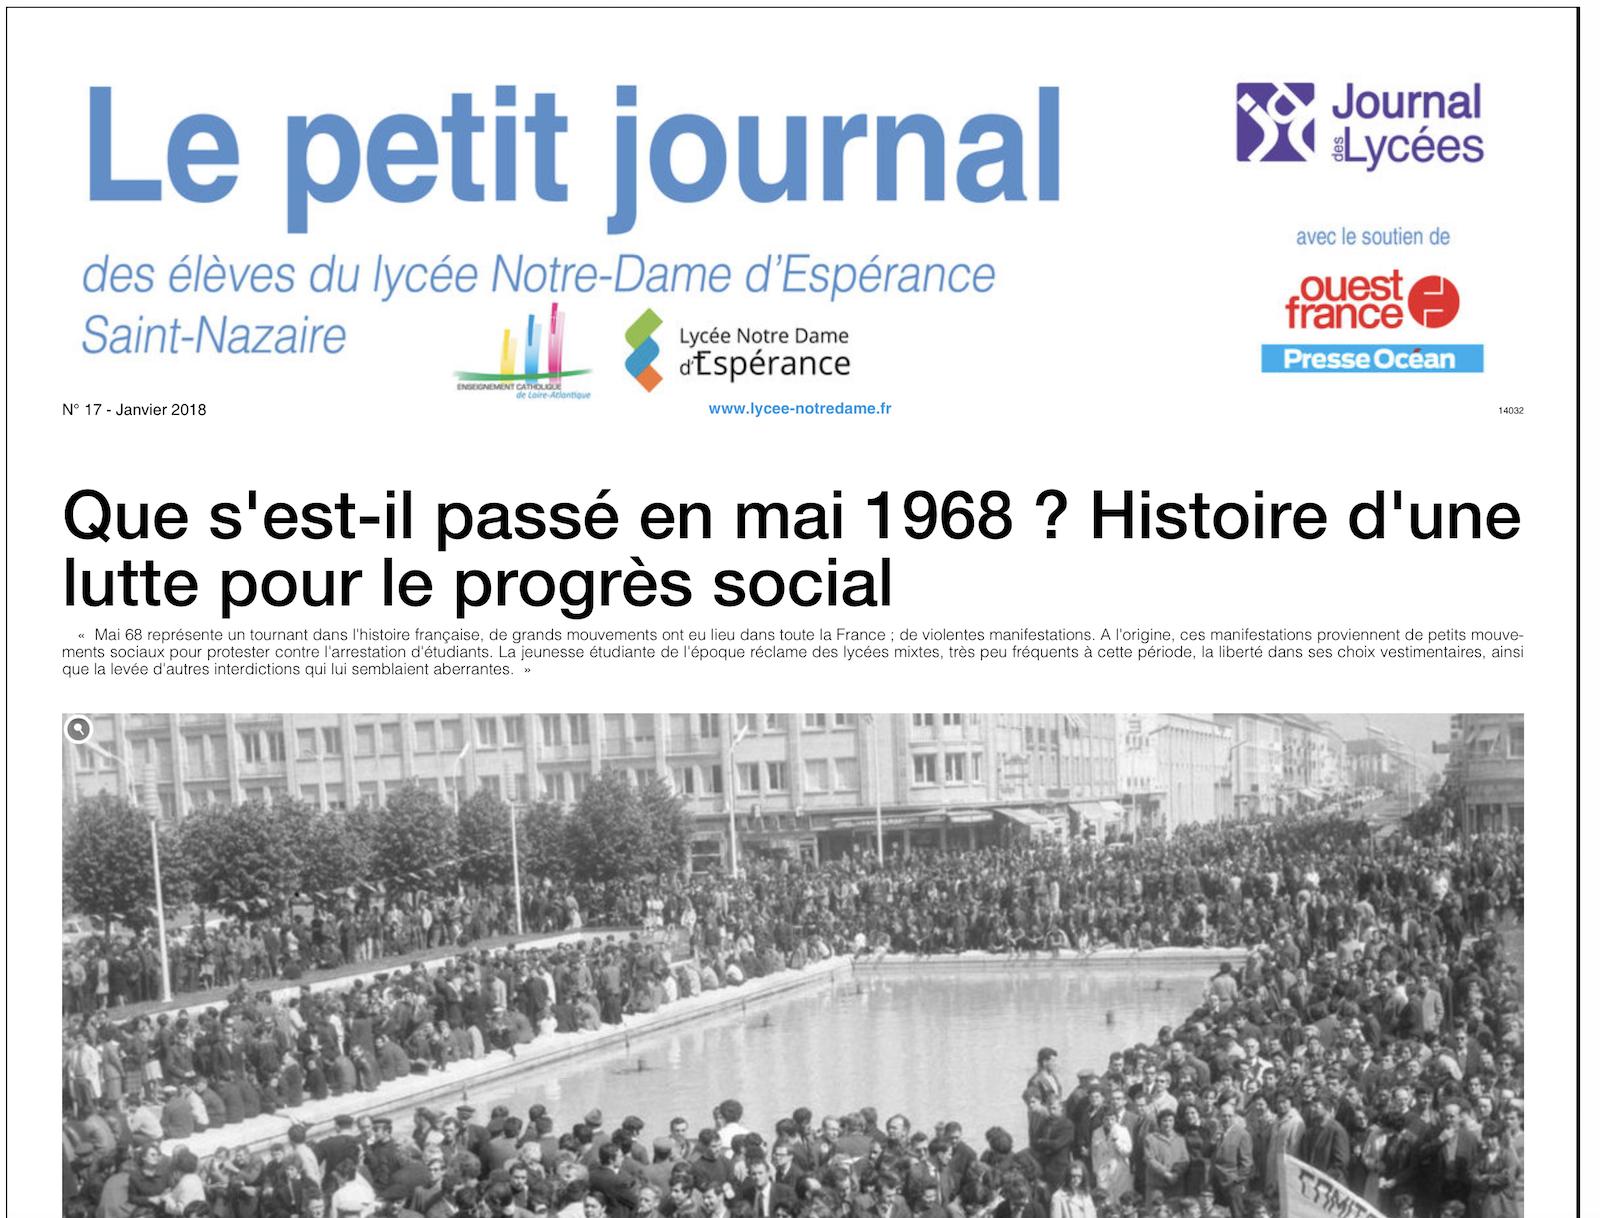 1a40a5167e Capture d'écran 2018-06-22 à 15.26.30 - Lycée Privé Notre Dame d ...